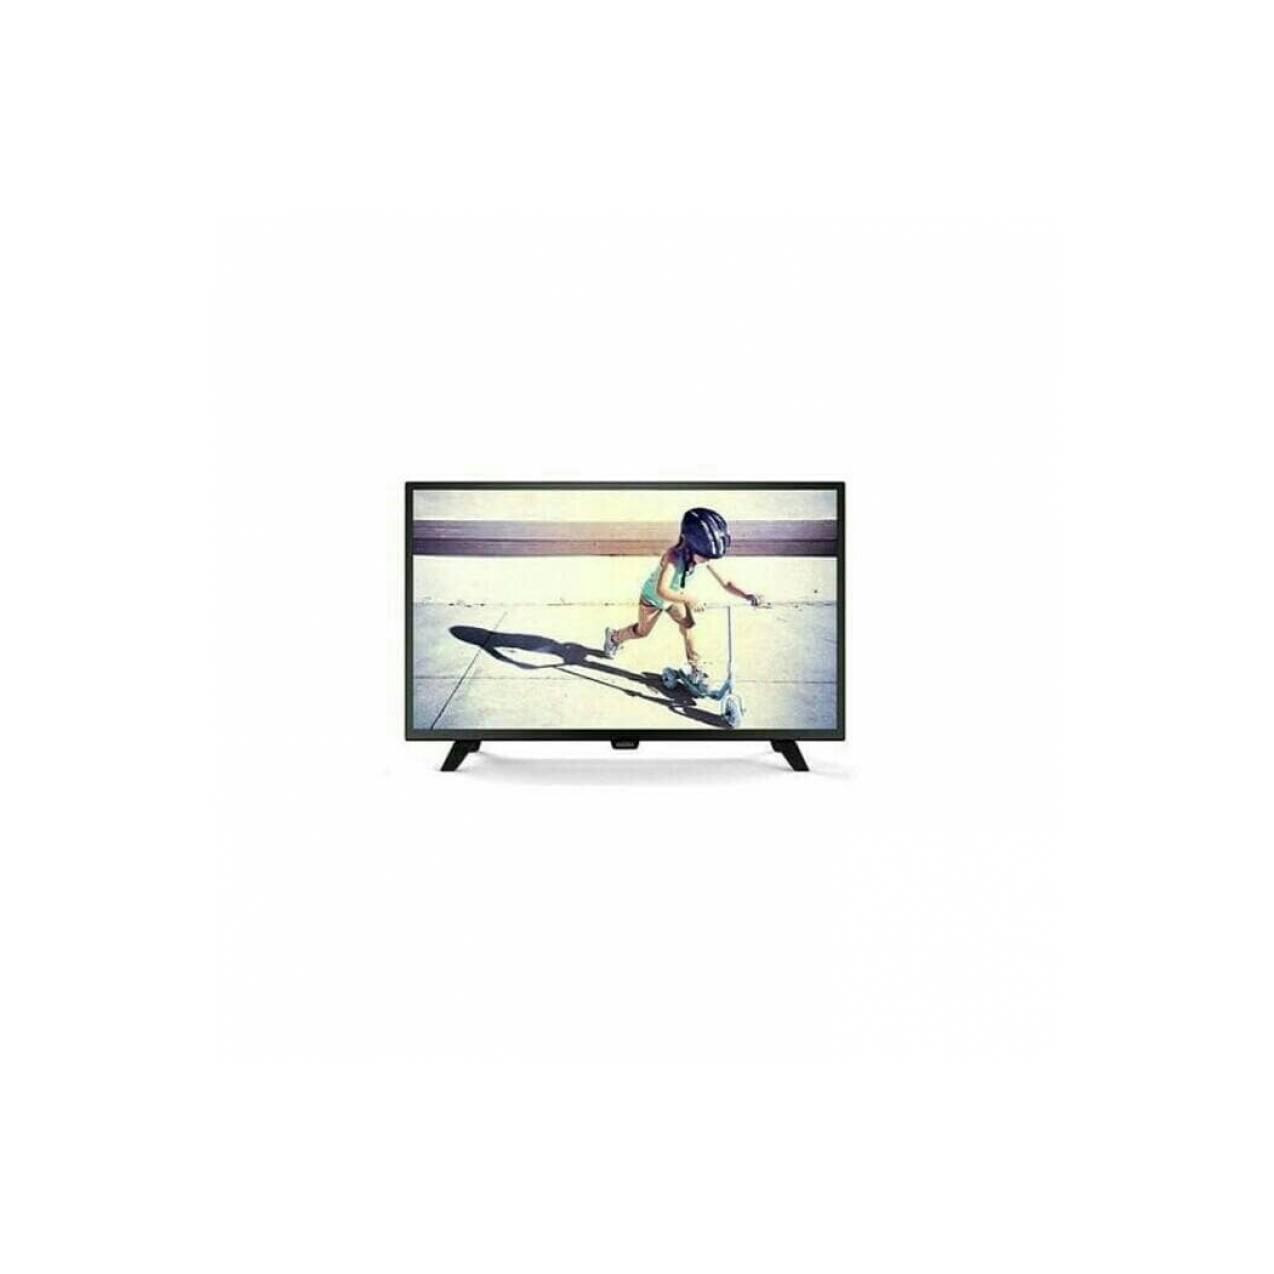 PHILIPS TV 32 in LED-32PHA3052S Di Lengkapi USB Movie